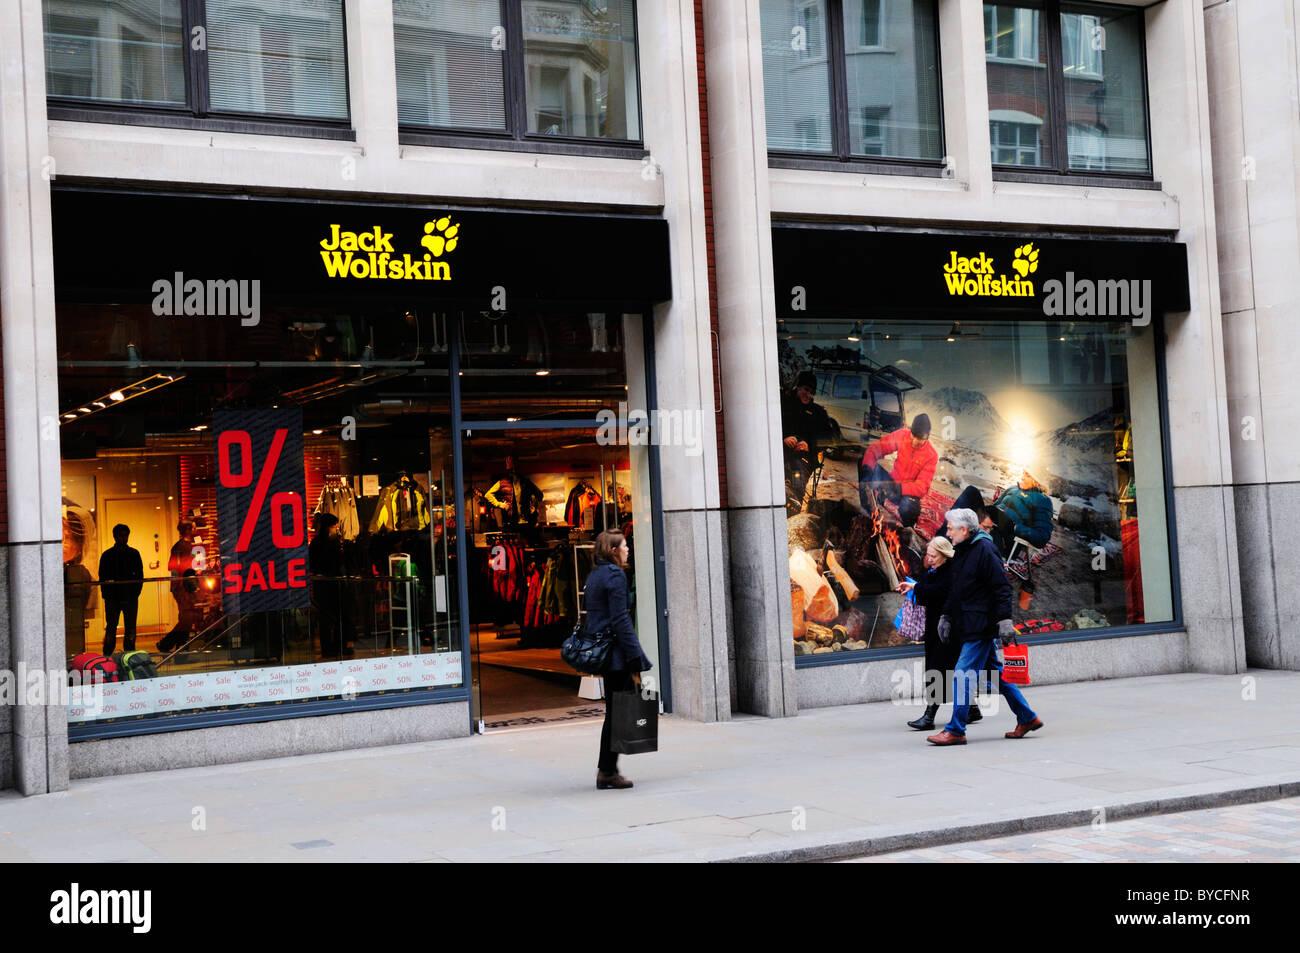 e49a08516077ed Jack Wolfskin Outdoor Bekleidung Shop